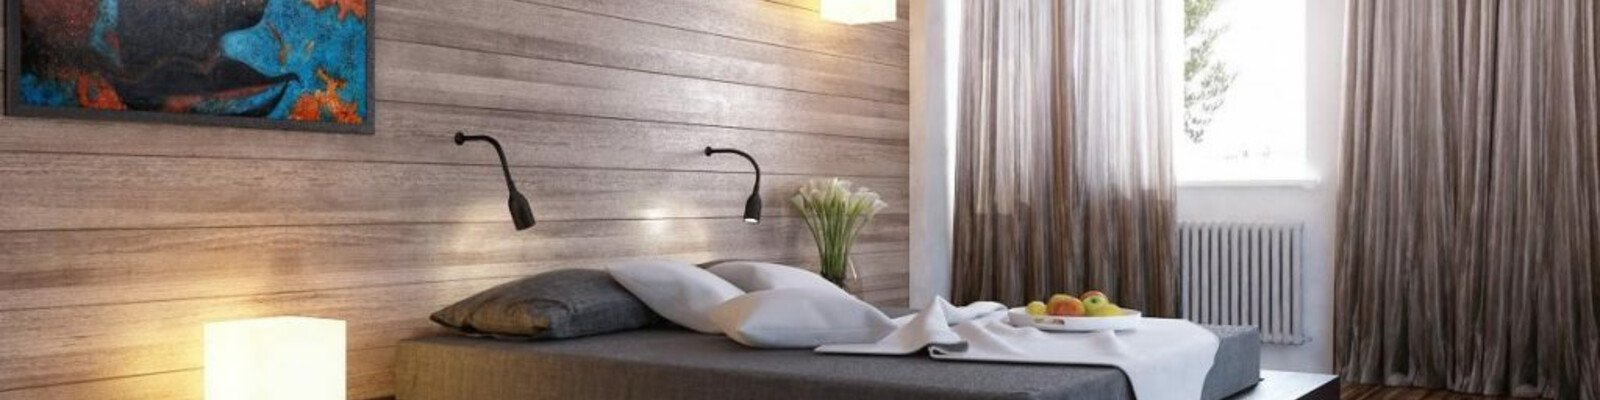 Verlichting in de slaapkamer: sfeer & gezelligheid voorop, maar ...